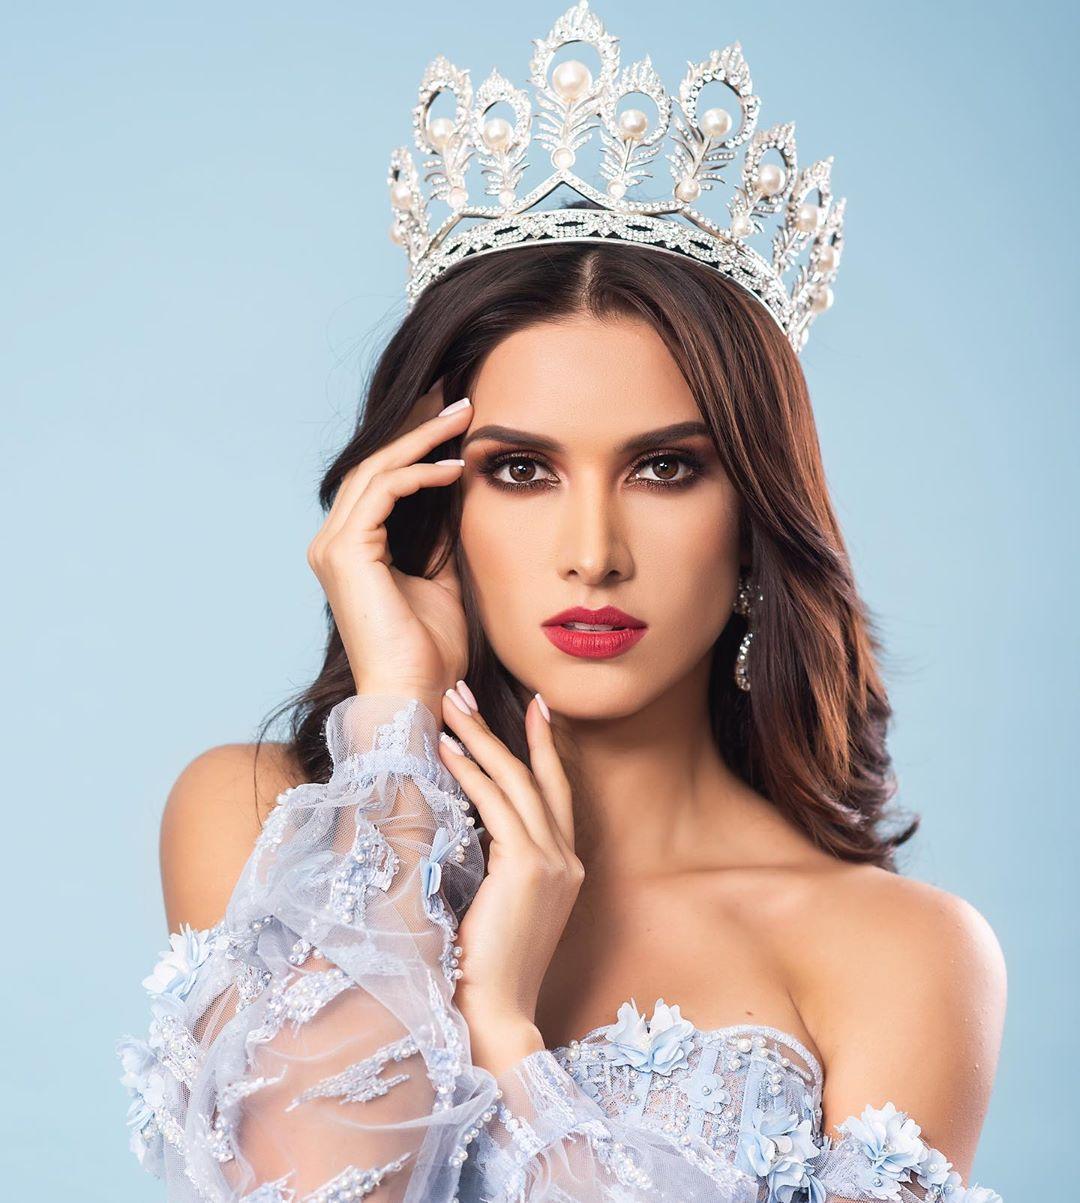 candidatas a miss universe 2019. final: 8 dec. sede: atlanta. - Página 5 I1Yxjr